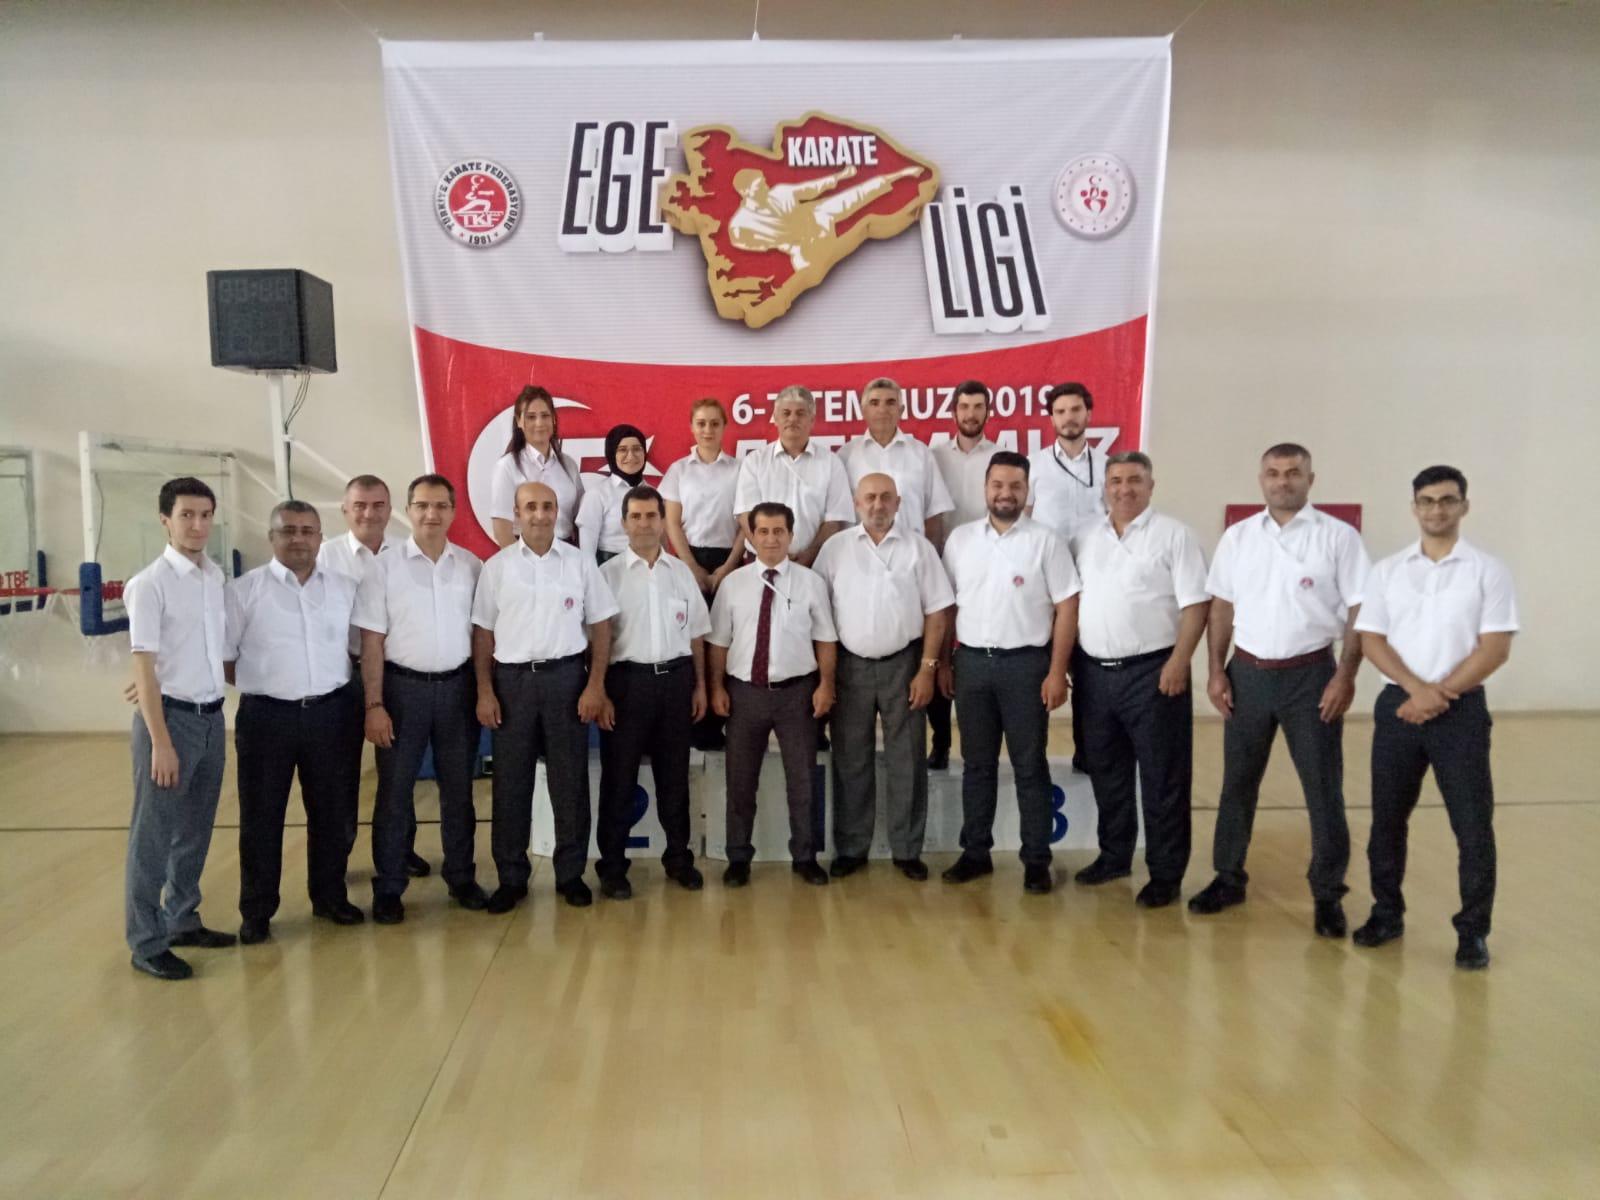 FOÇA'LI MİNİK KARATECİ'DEN, ÇİFTE ALTIN MADALYA..